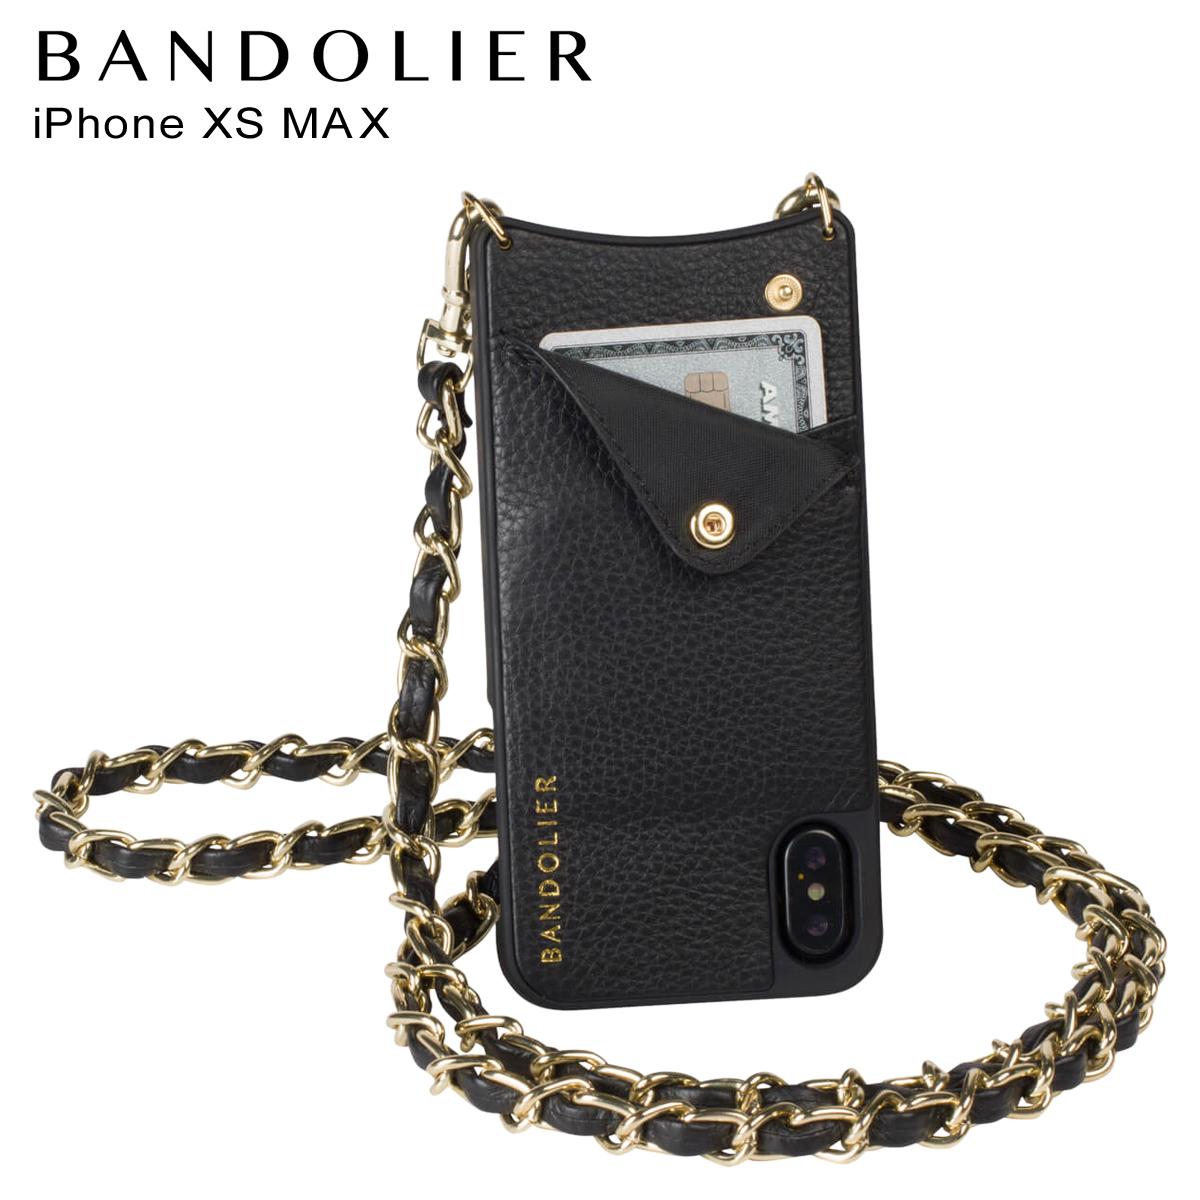 バンドリヤー BANDOLIER iPhone XS MAX ケース ショルダー スマホ アイフォン レザー LUCY GOLD メンズ レディース ブラック 黒 10LCY1001 [3/18 再入荷]